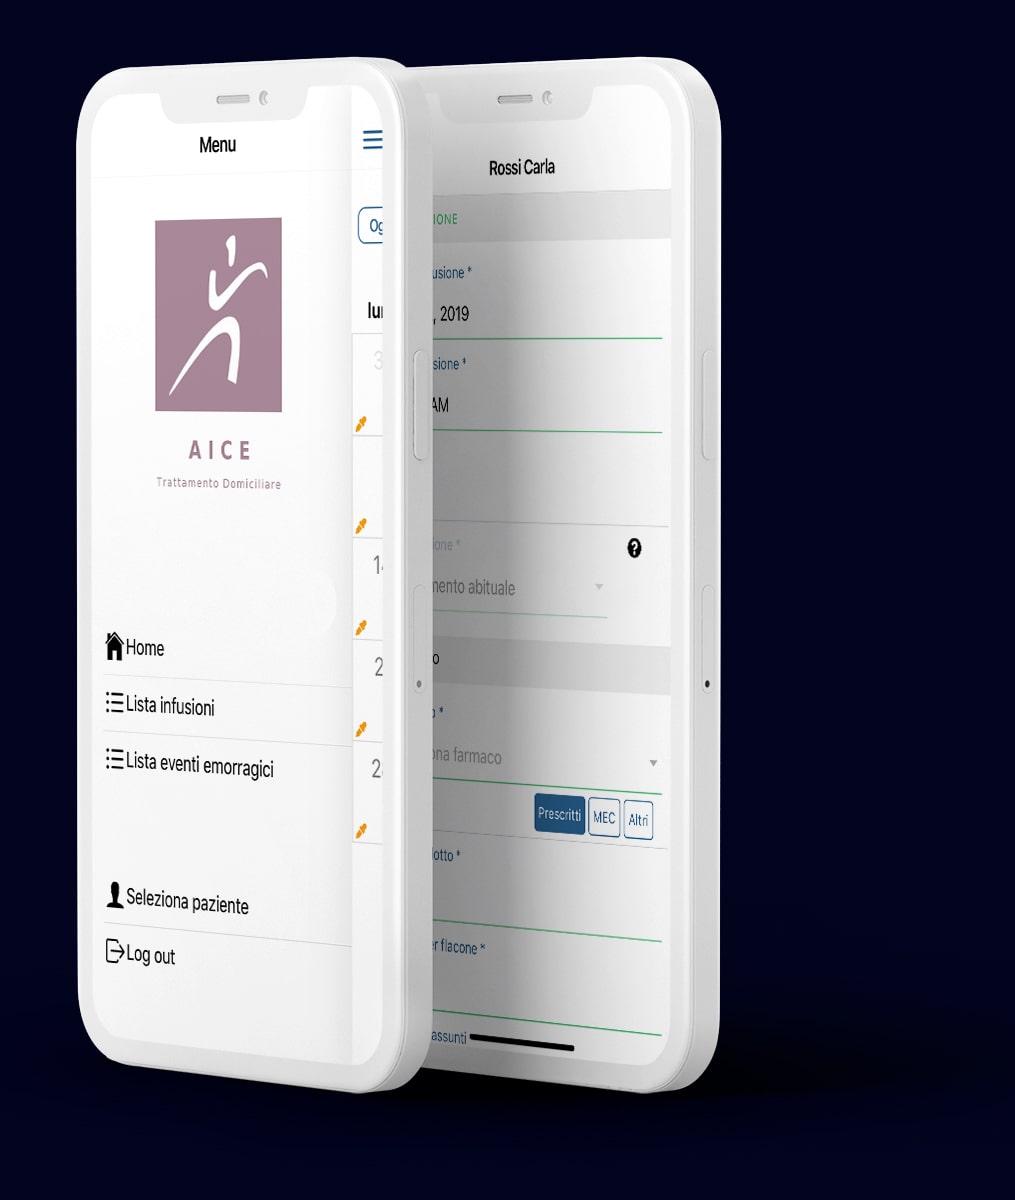 Jupitech - AICE App Trattamento Domiciliare